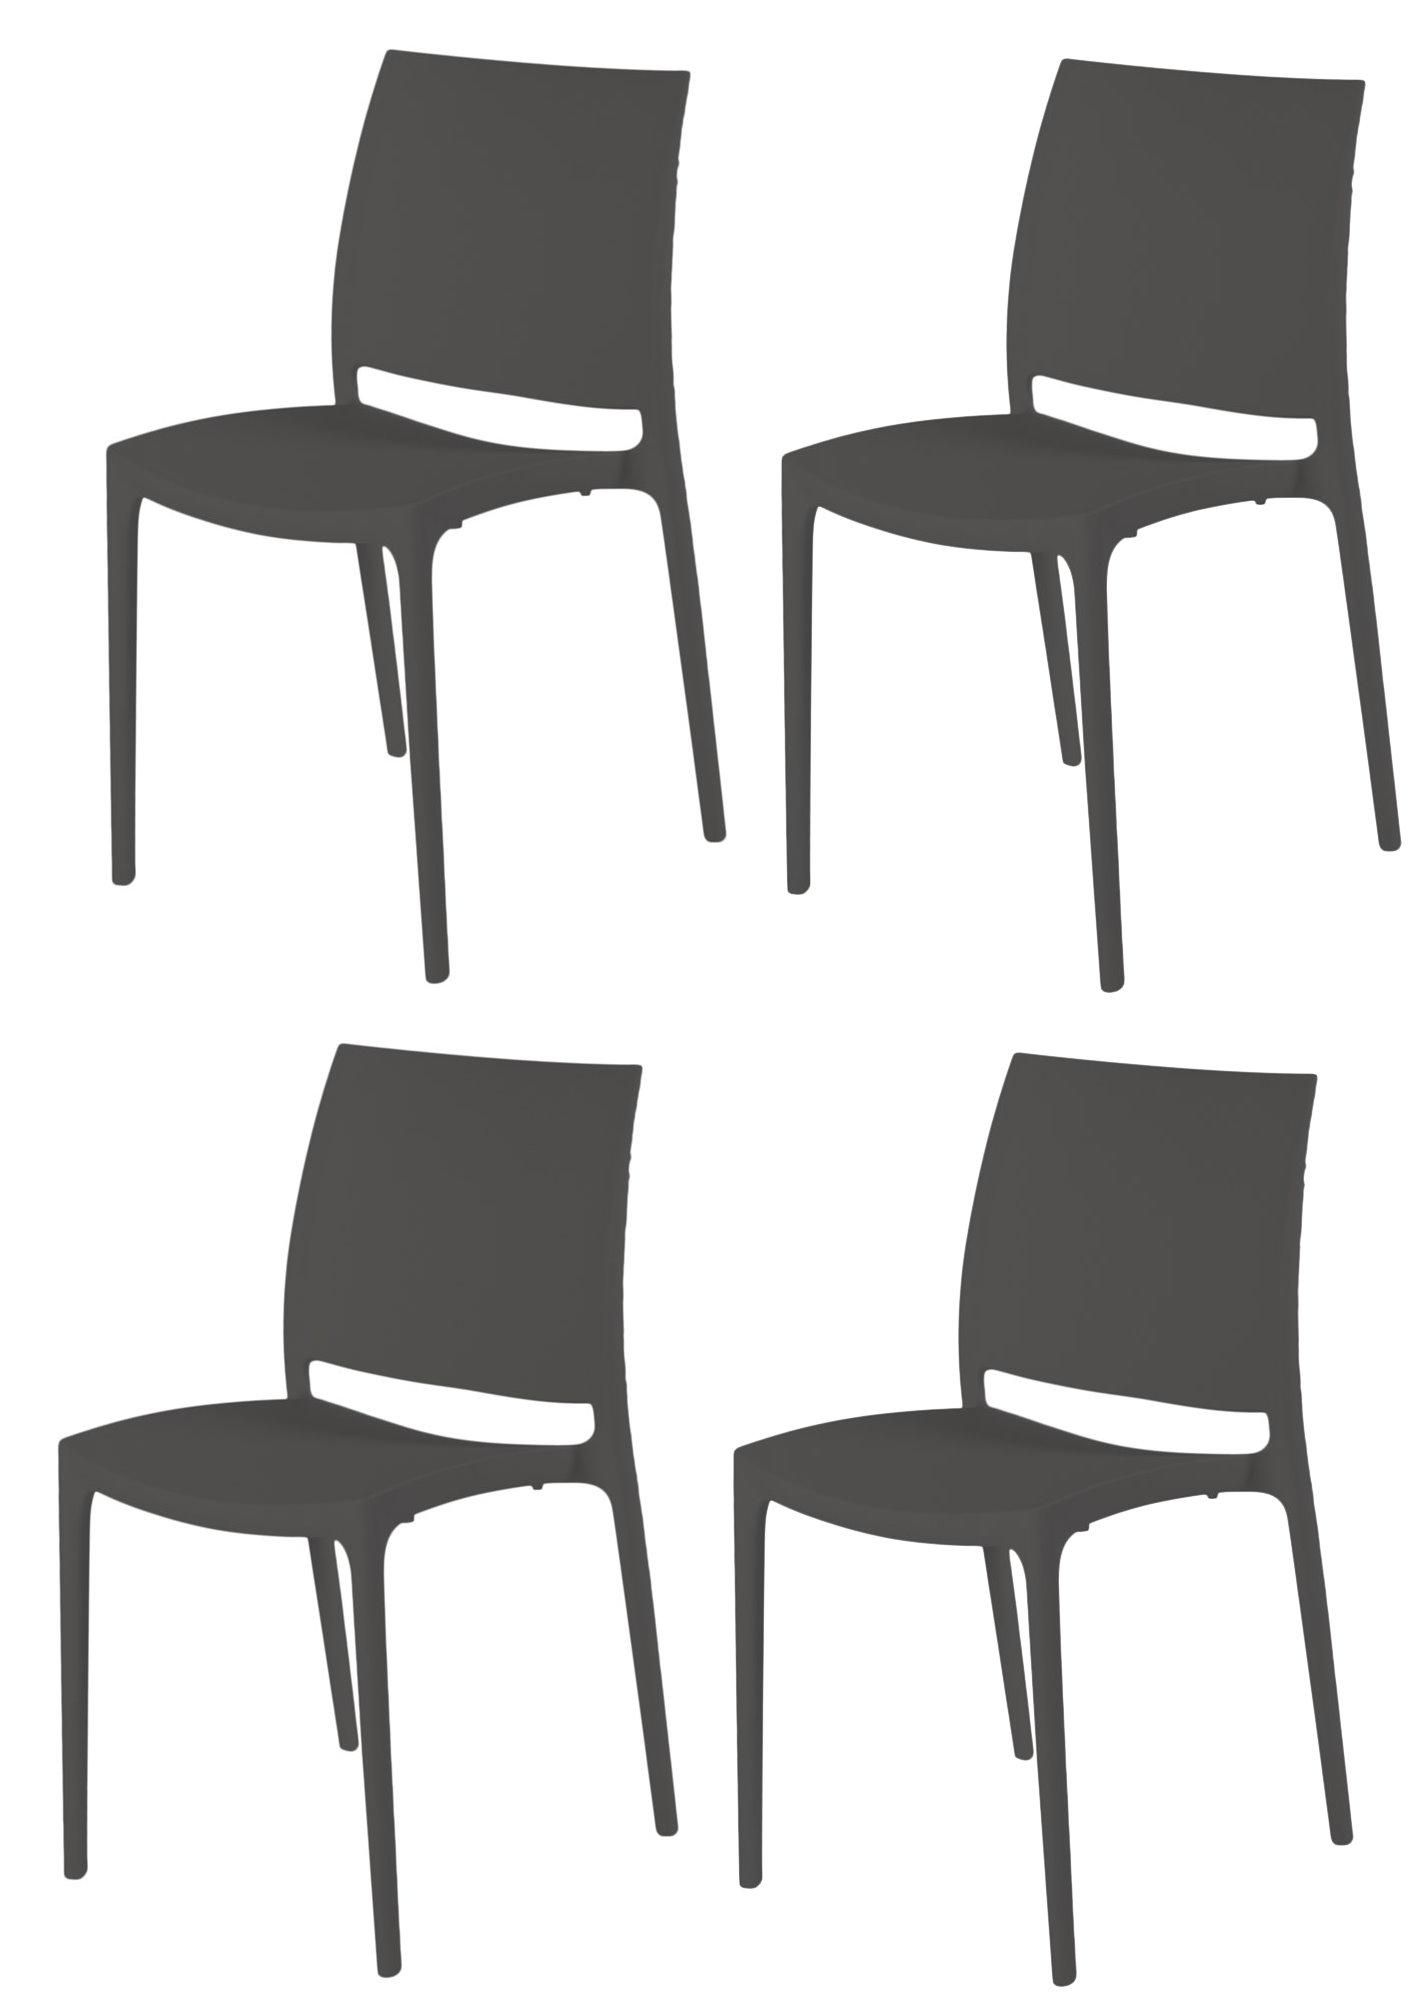 4x flexfurn stapelstuhl trix garten gastronomie bistro stuhl st hle stuhlset garten m bel. Black Bedroom Furniture Sets. Home Design Ideas